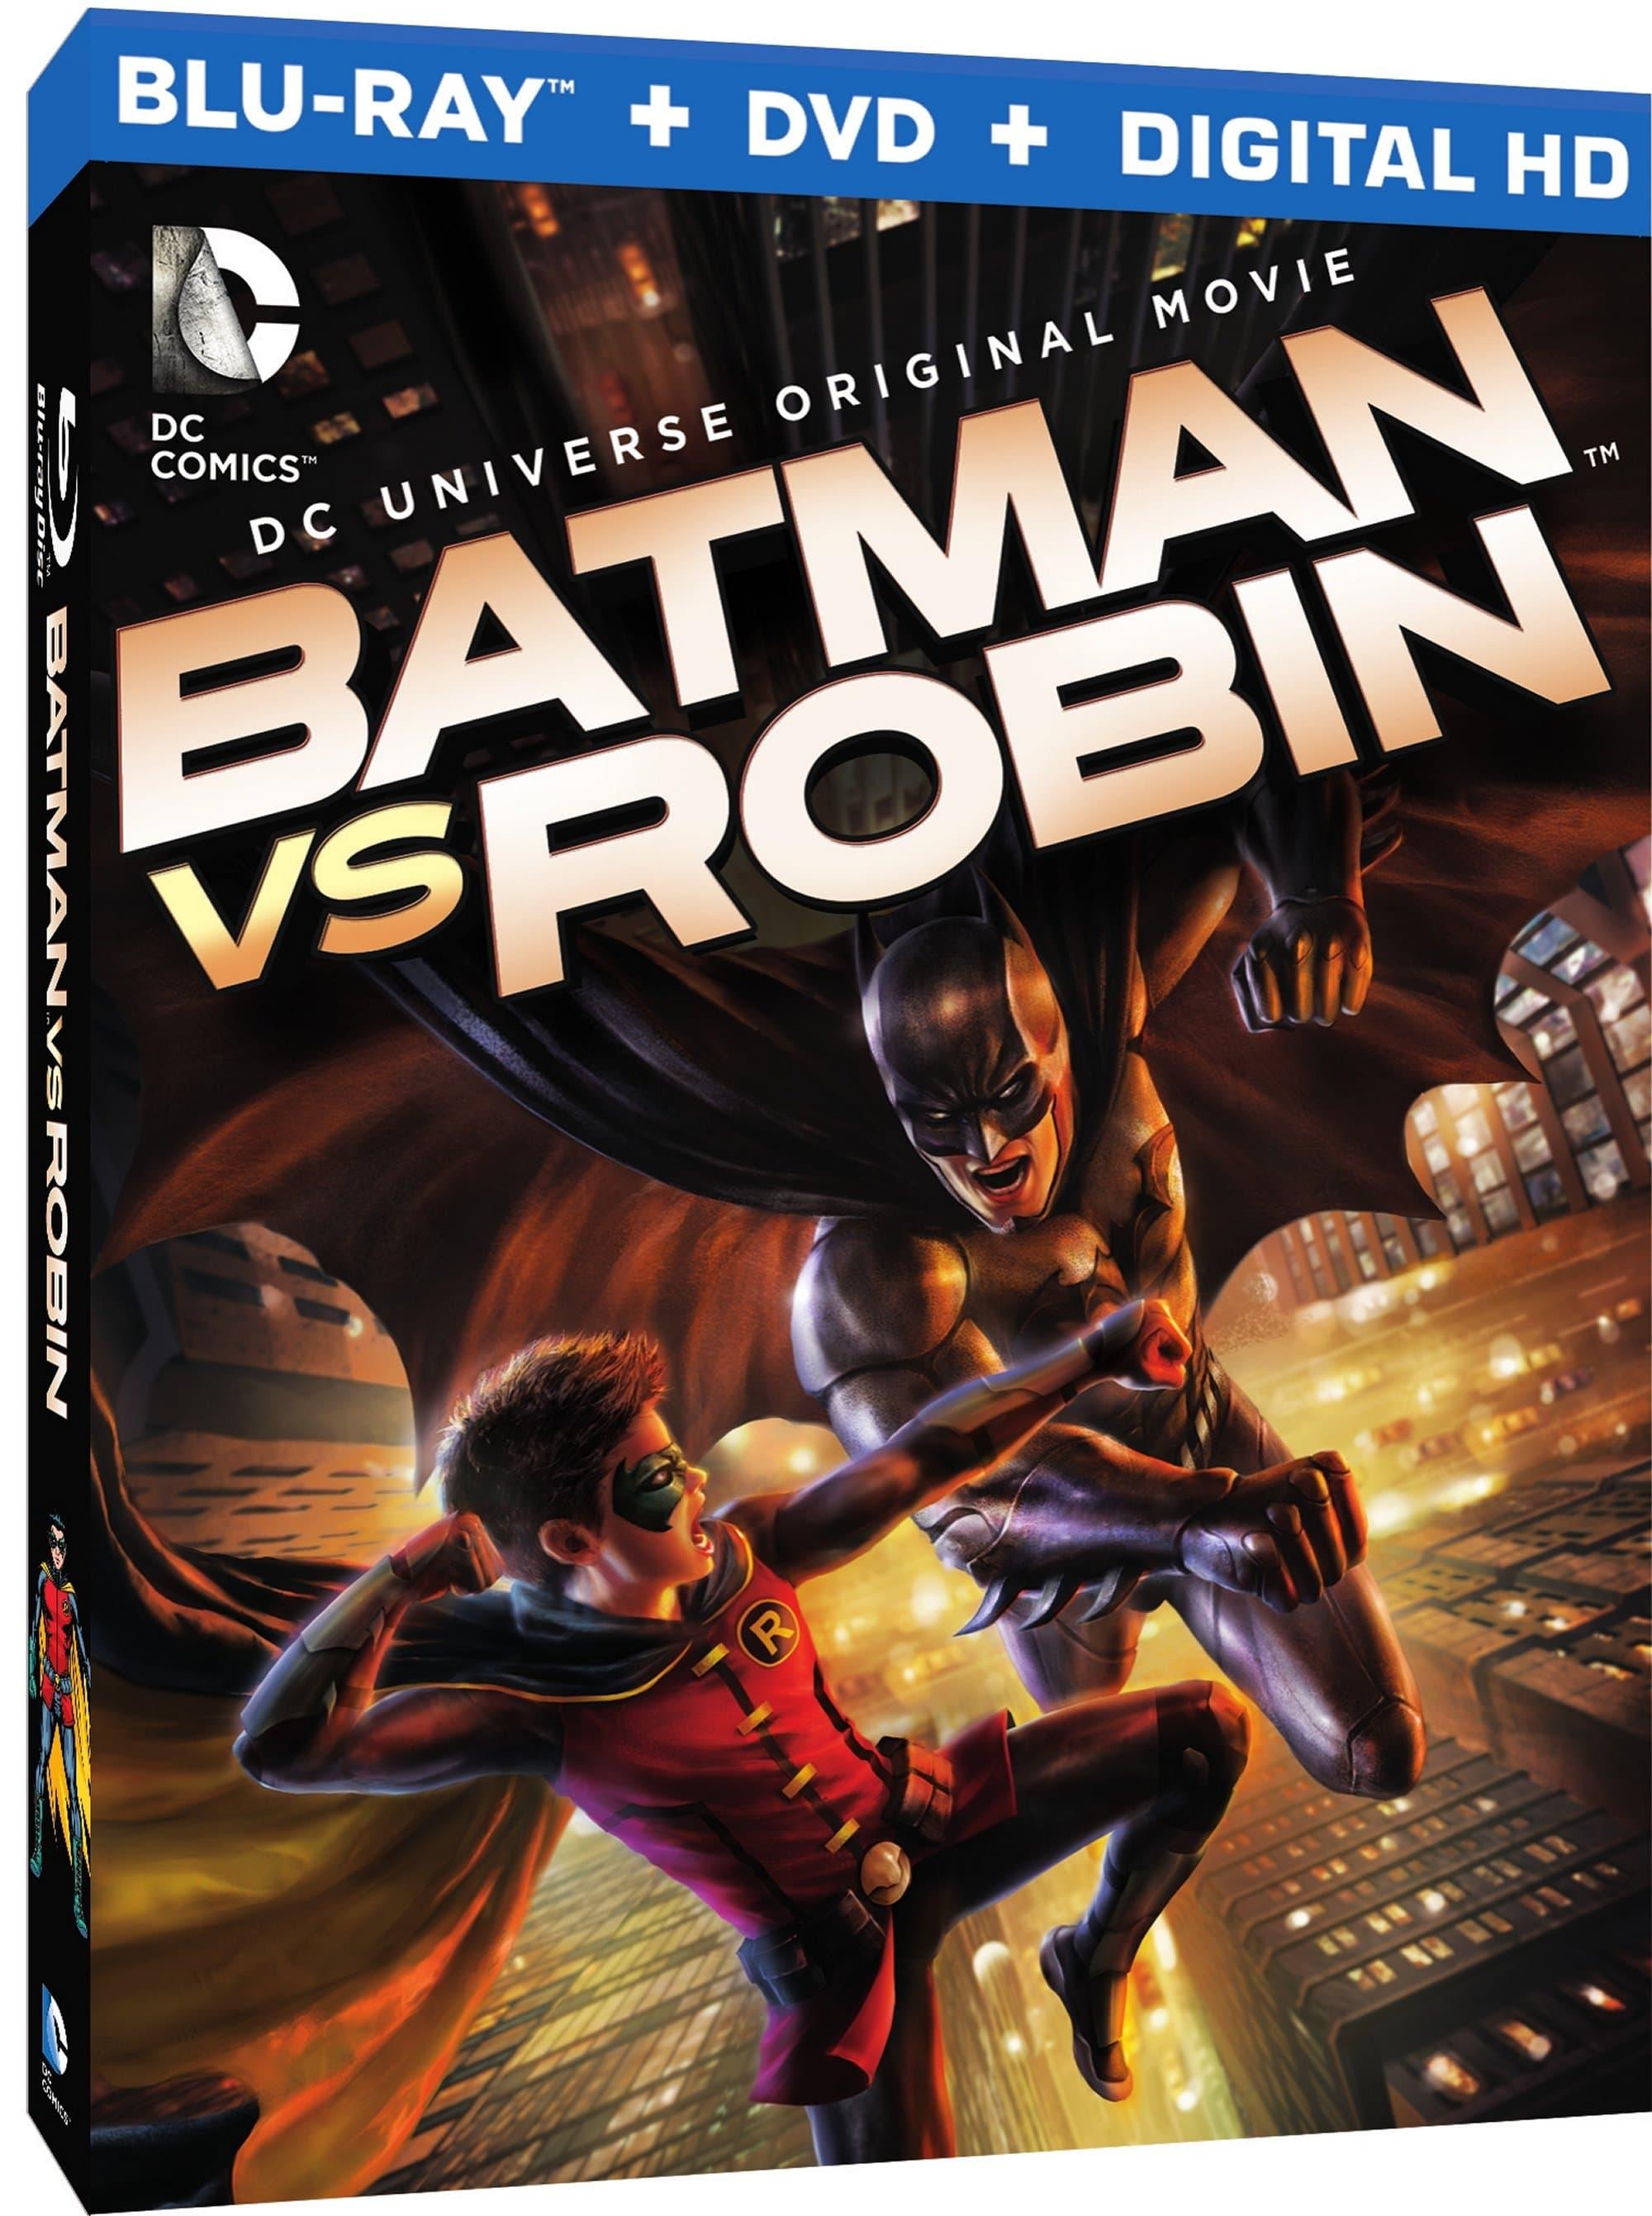 """""""Batman vs. Robin"""": Own it on Blu-ray™ Combo, DVD & Digital HD April 14"""